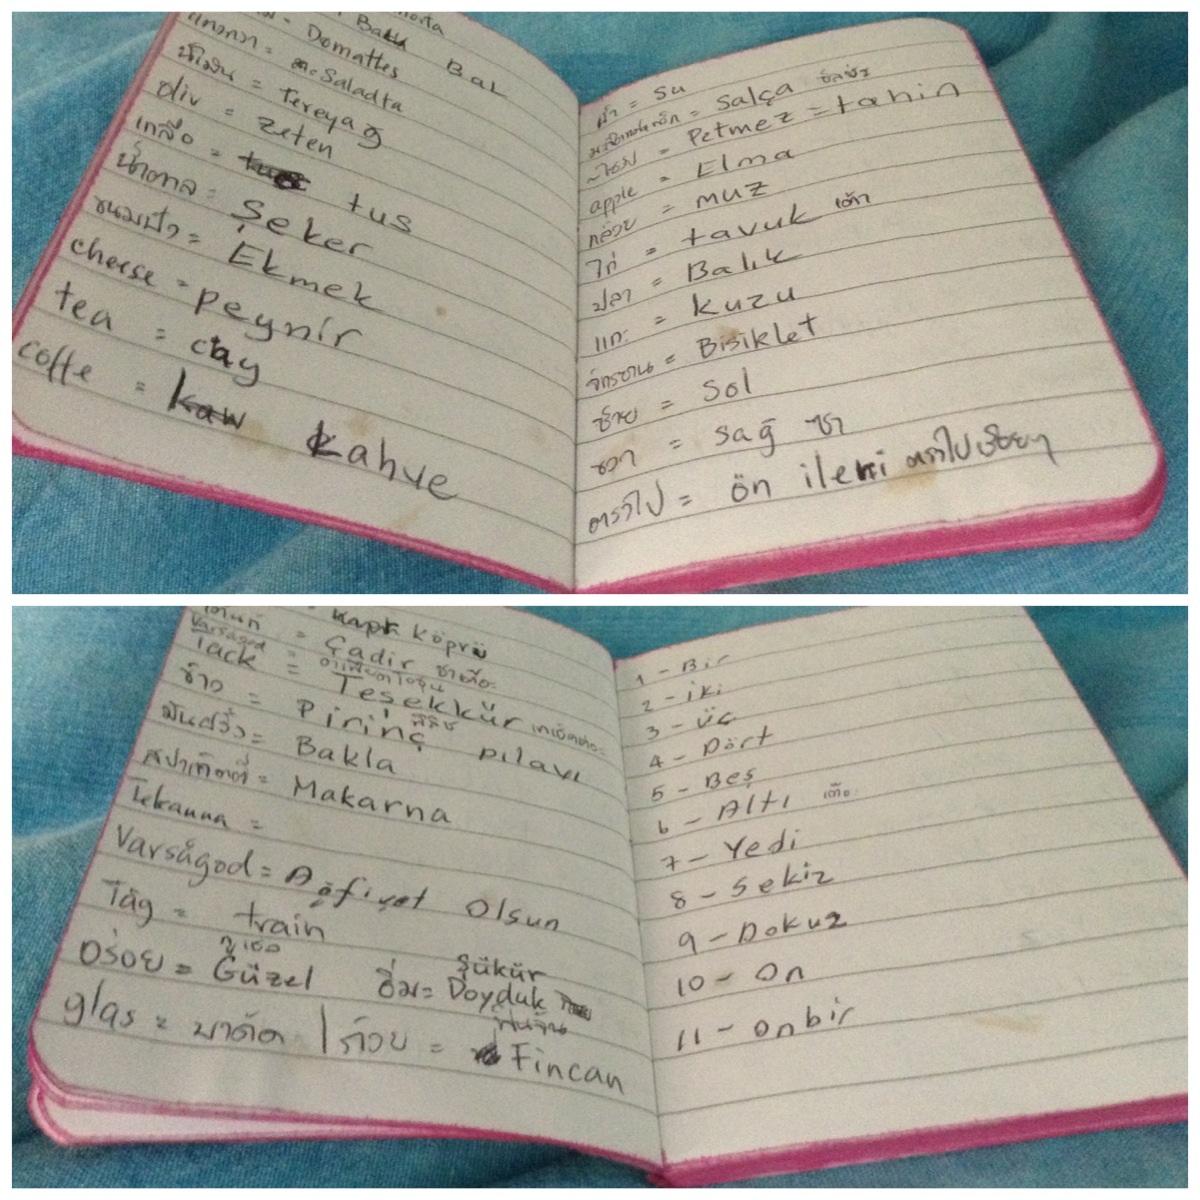 พจนานุกรมฉบับเฉพาะกิจ :)